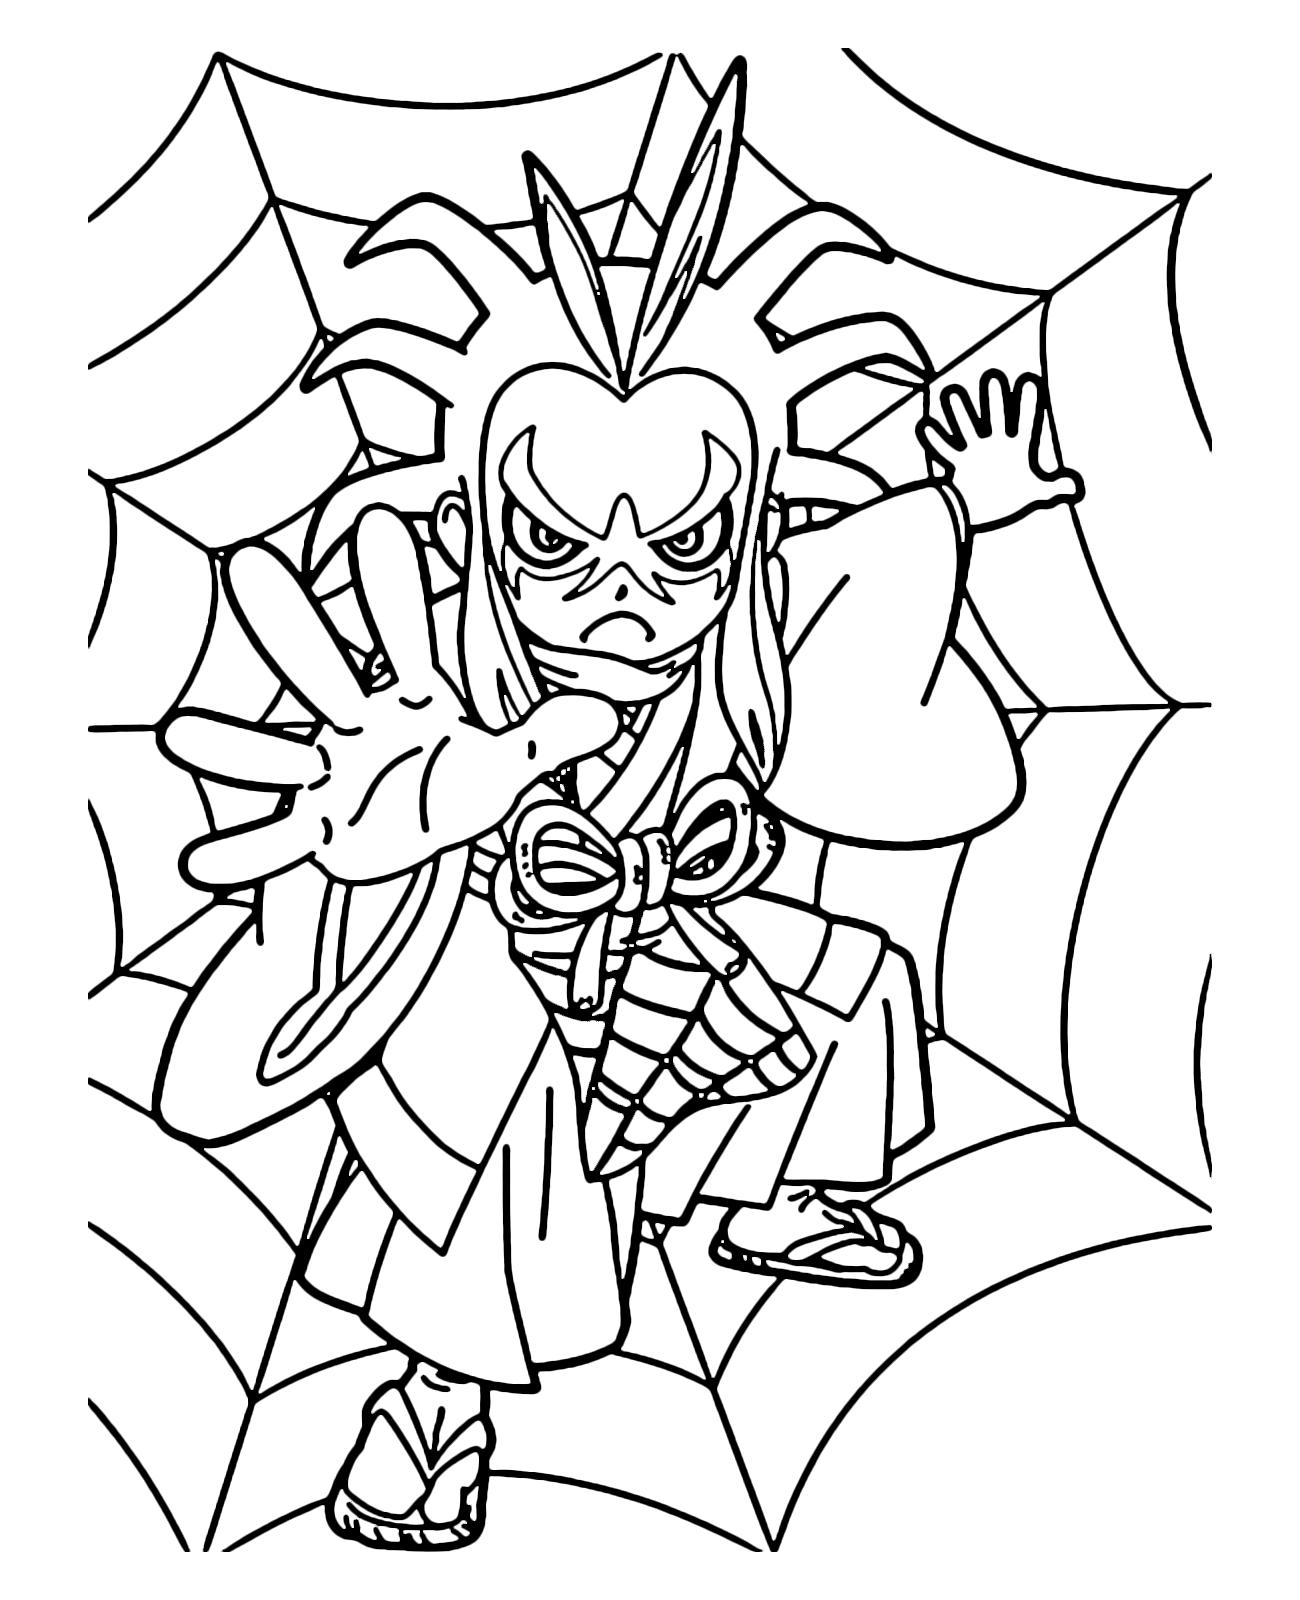 kai watch one yo kai over the spider web